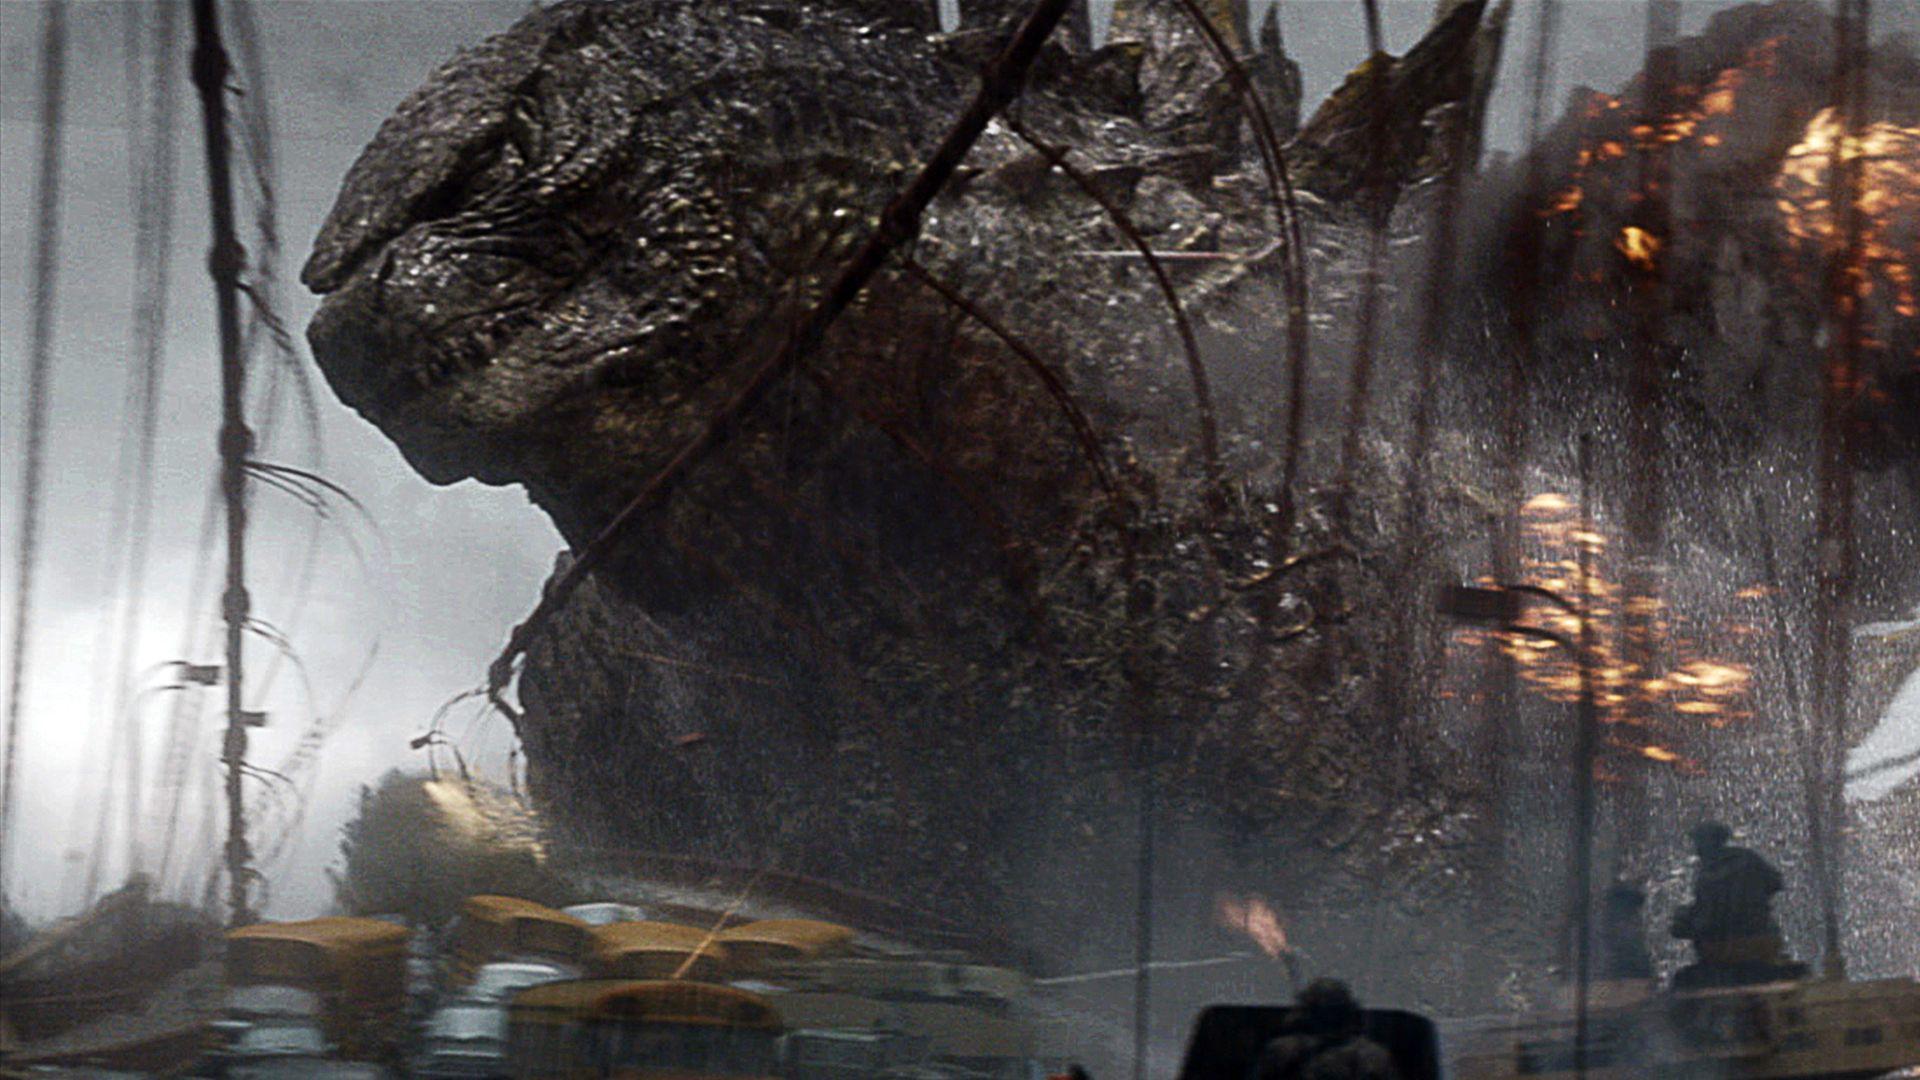 1920x1080 Godzilla 2014 Hình nền cho iPhone Là Hình nền 4K